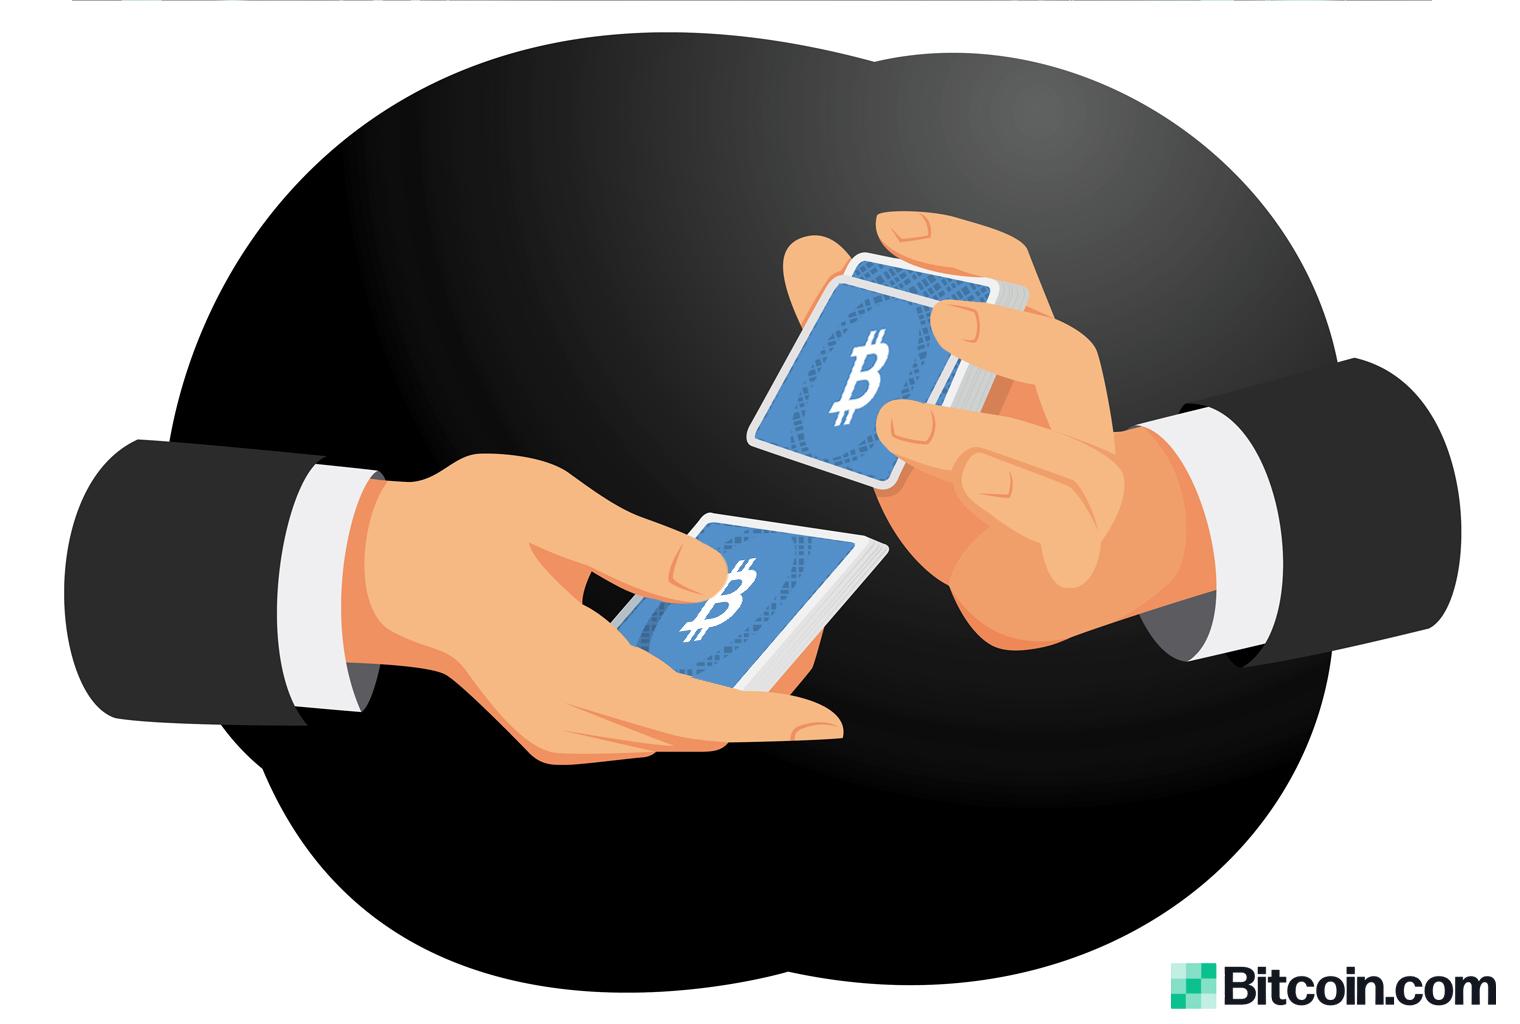 La herramienta BCH que mejora la privacidad Cashfusion comienza a trabajar detrás de escena